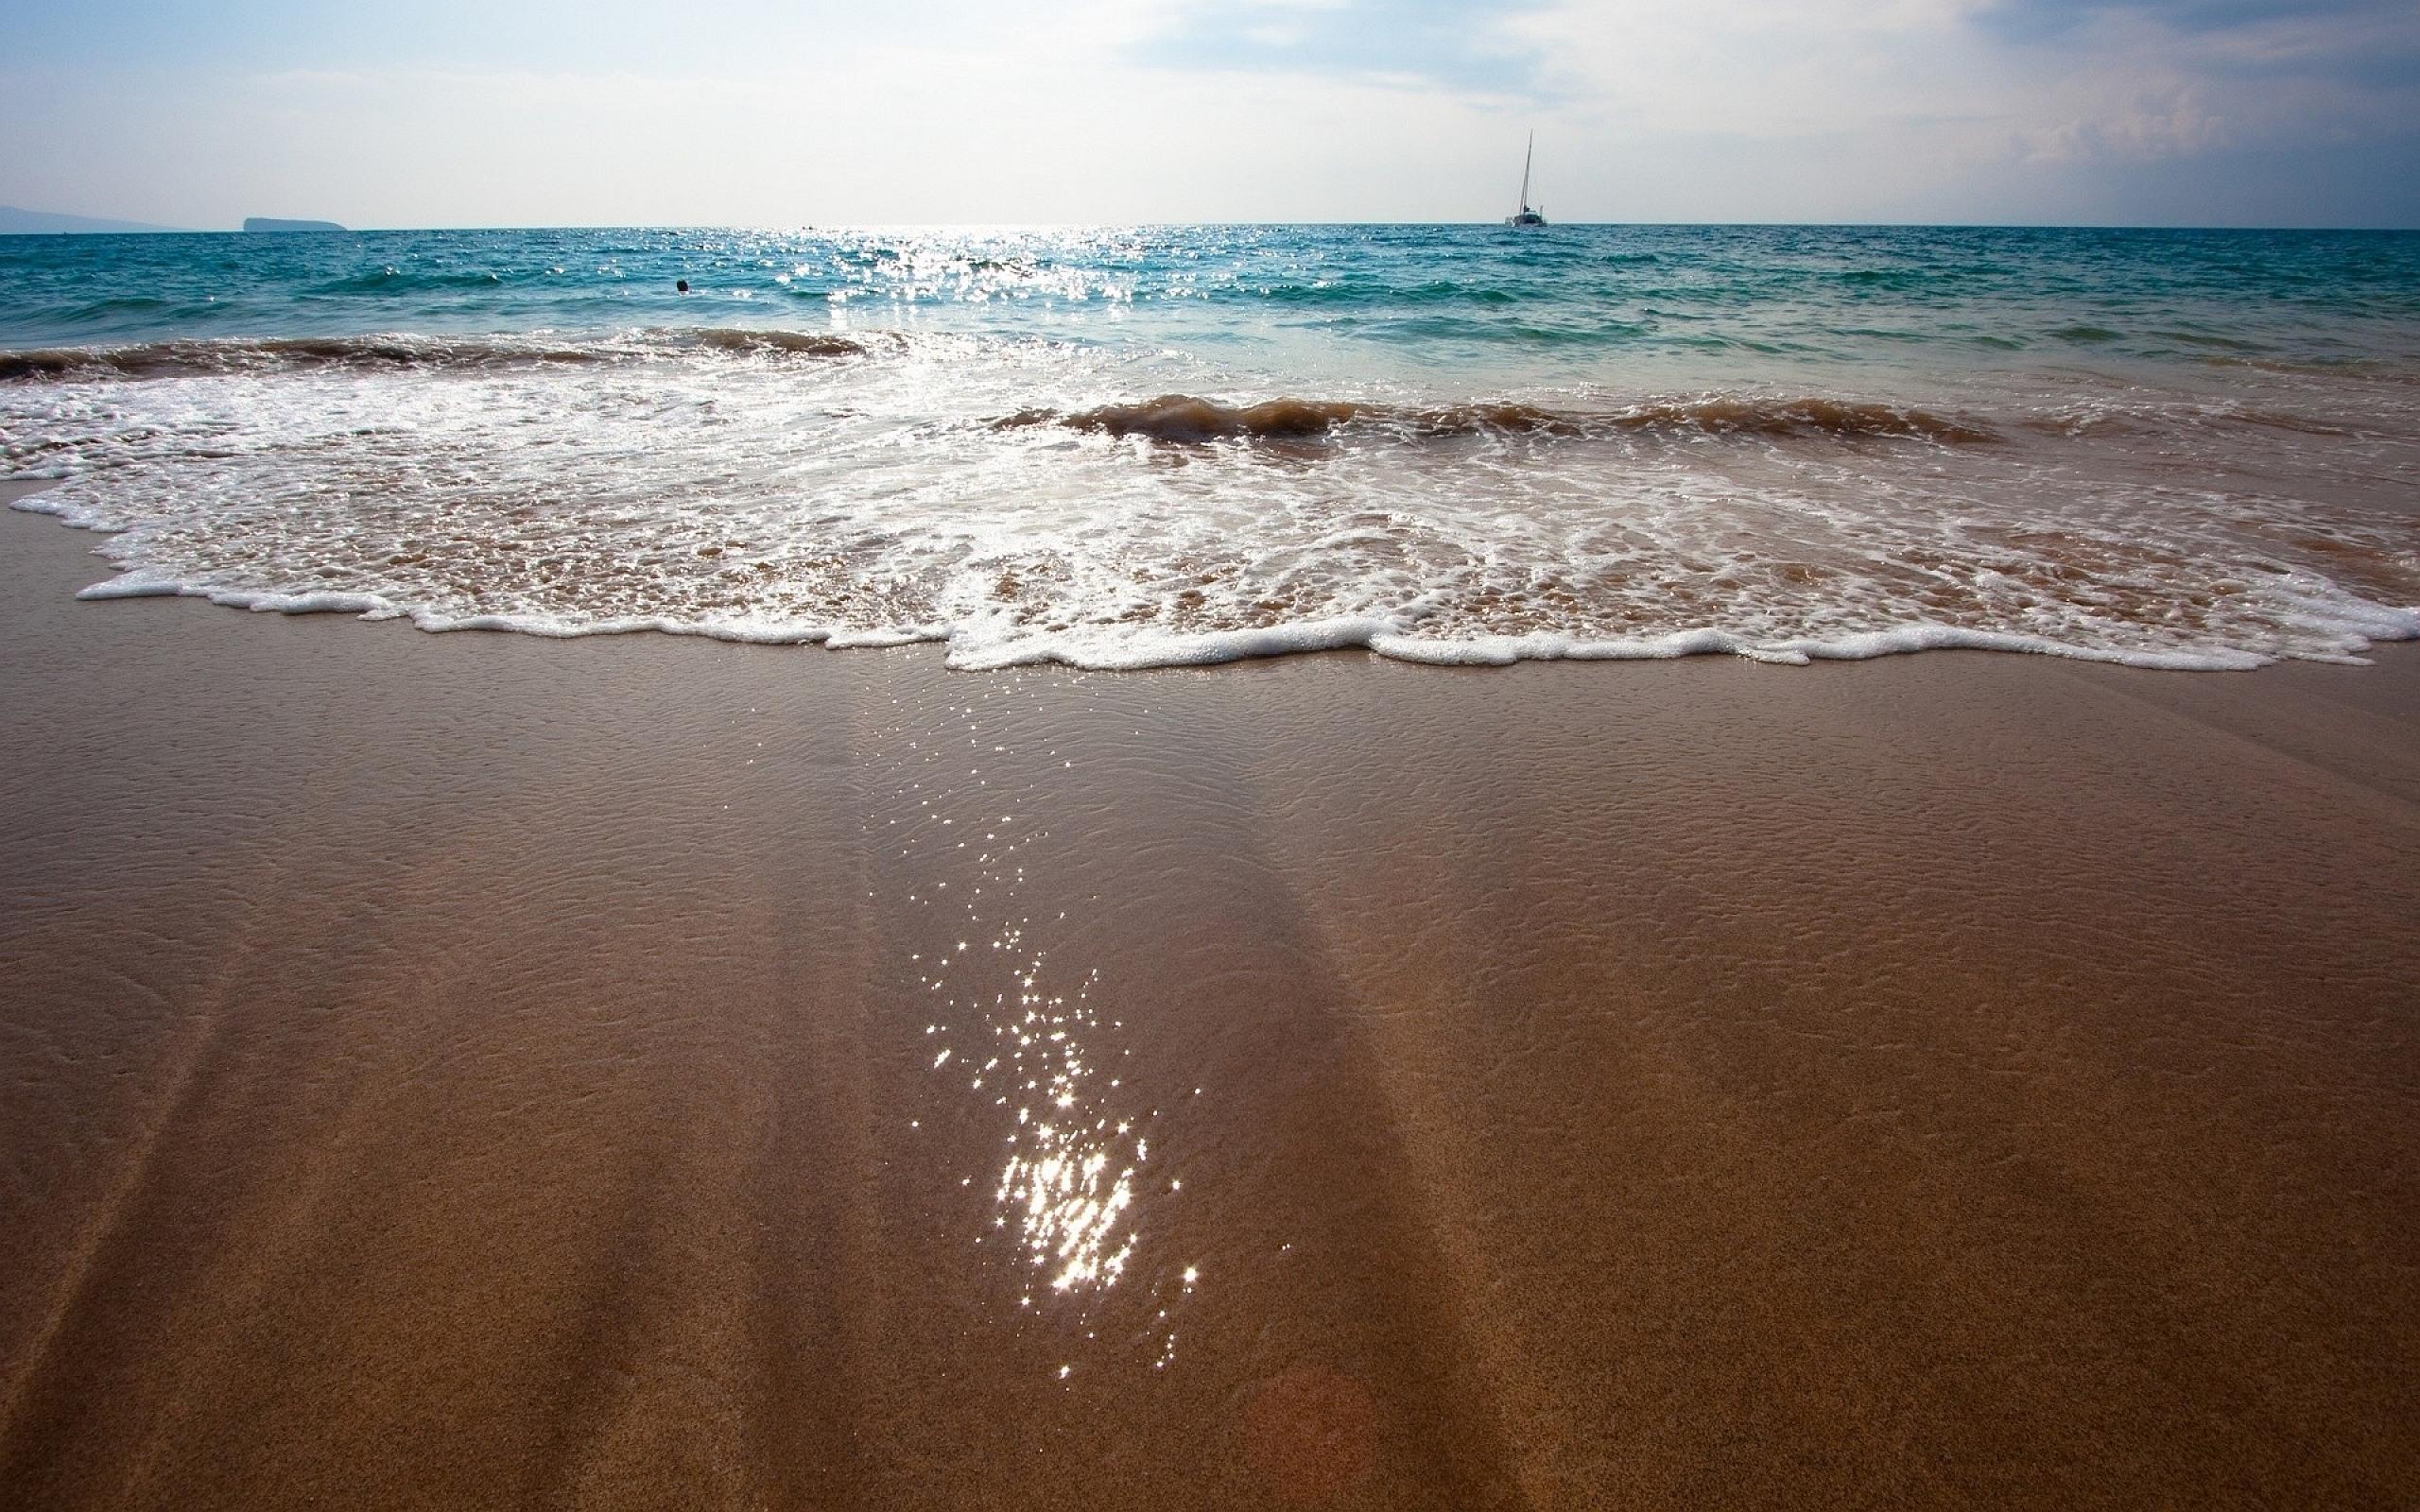 White Sand Beach 4k Hd Desktop Wallpaper For 4k Ultra Hd: Brown Sand Beach Hd - HD Desktop Wallpapers